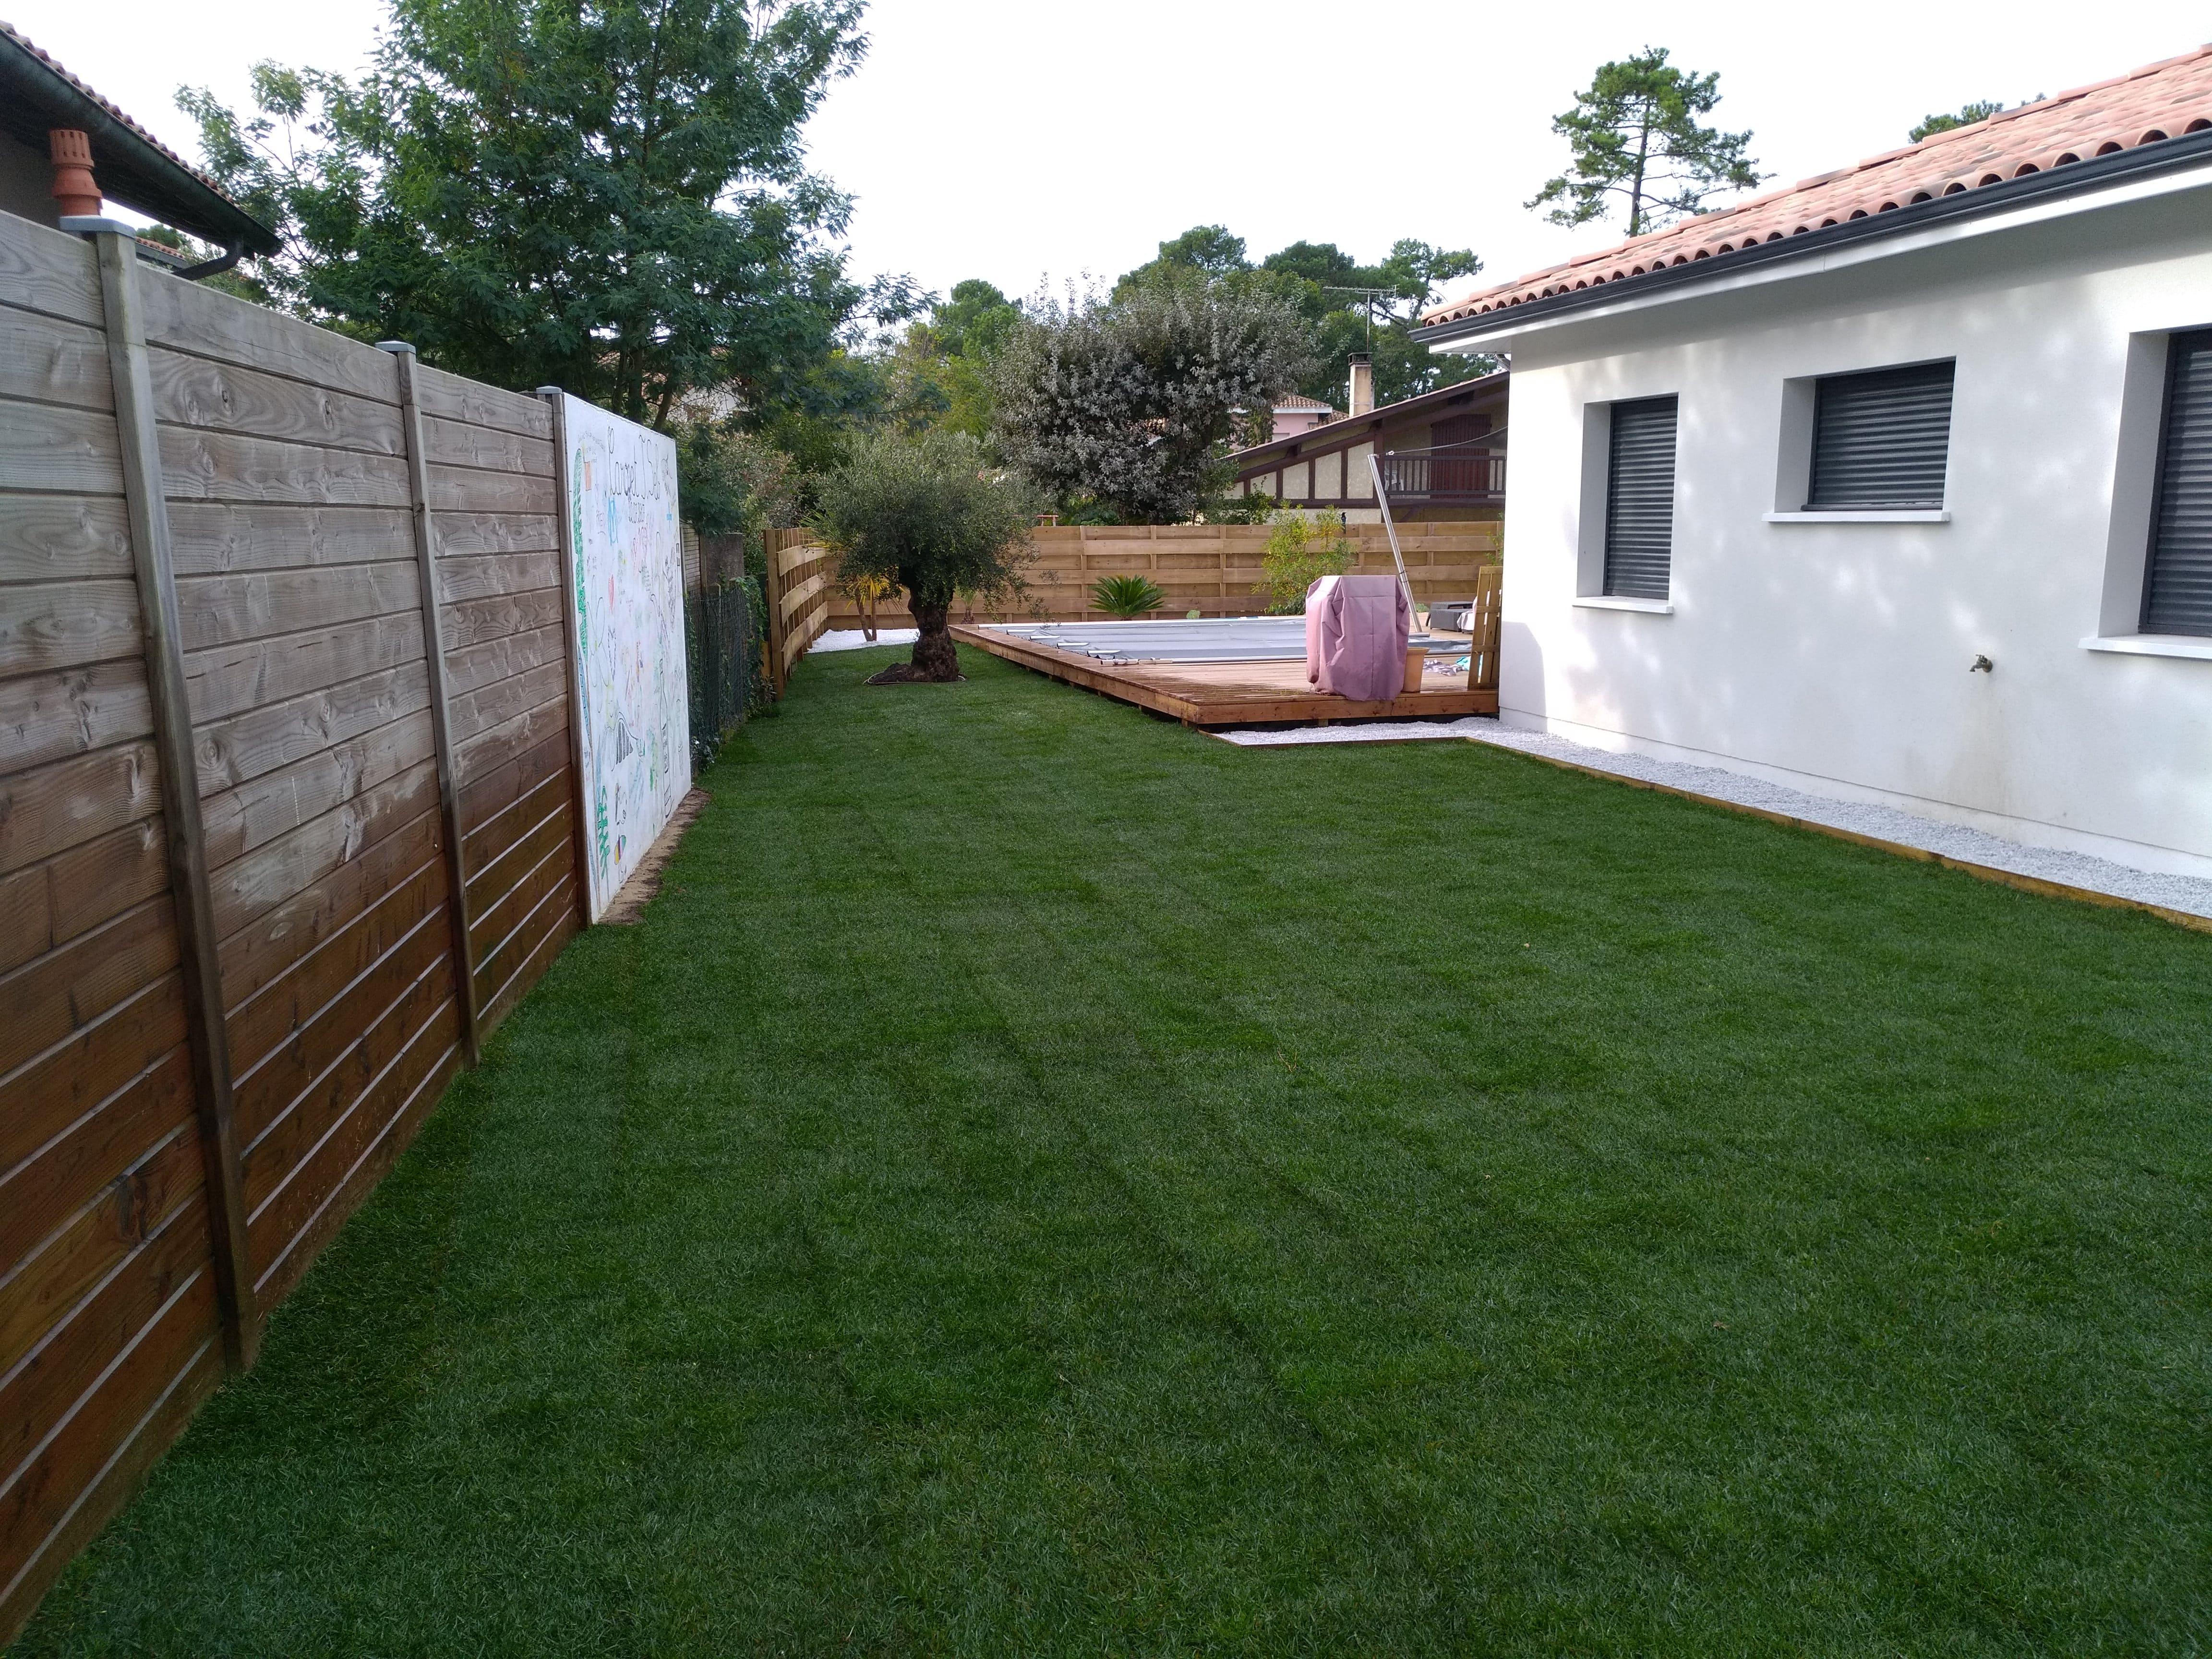 atelier du paysagiste jardinier hossegor capbreton landes. Black Bedroom Furniture Sets. Home Design Ideas